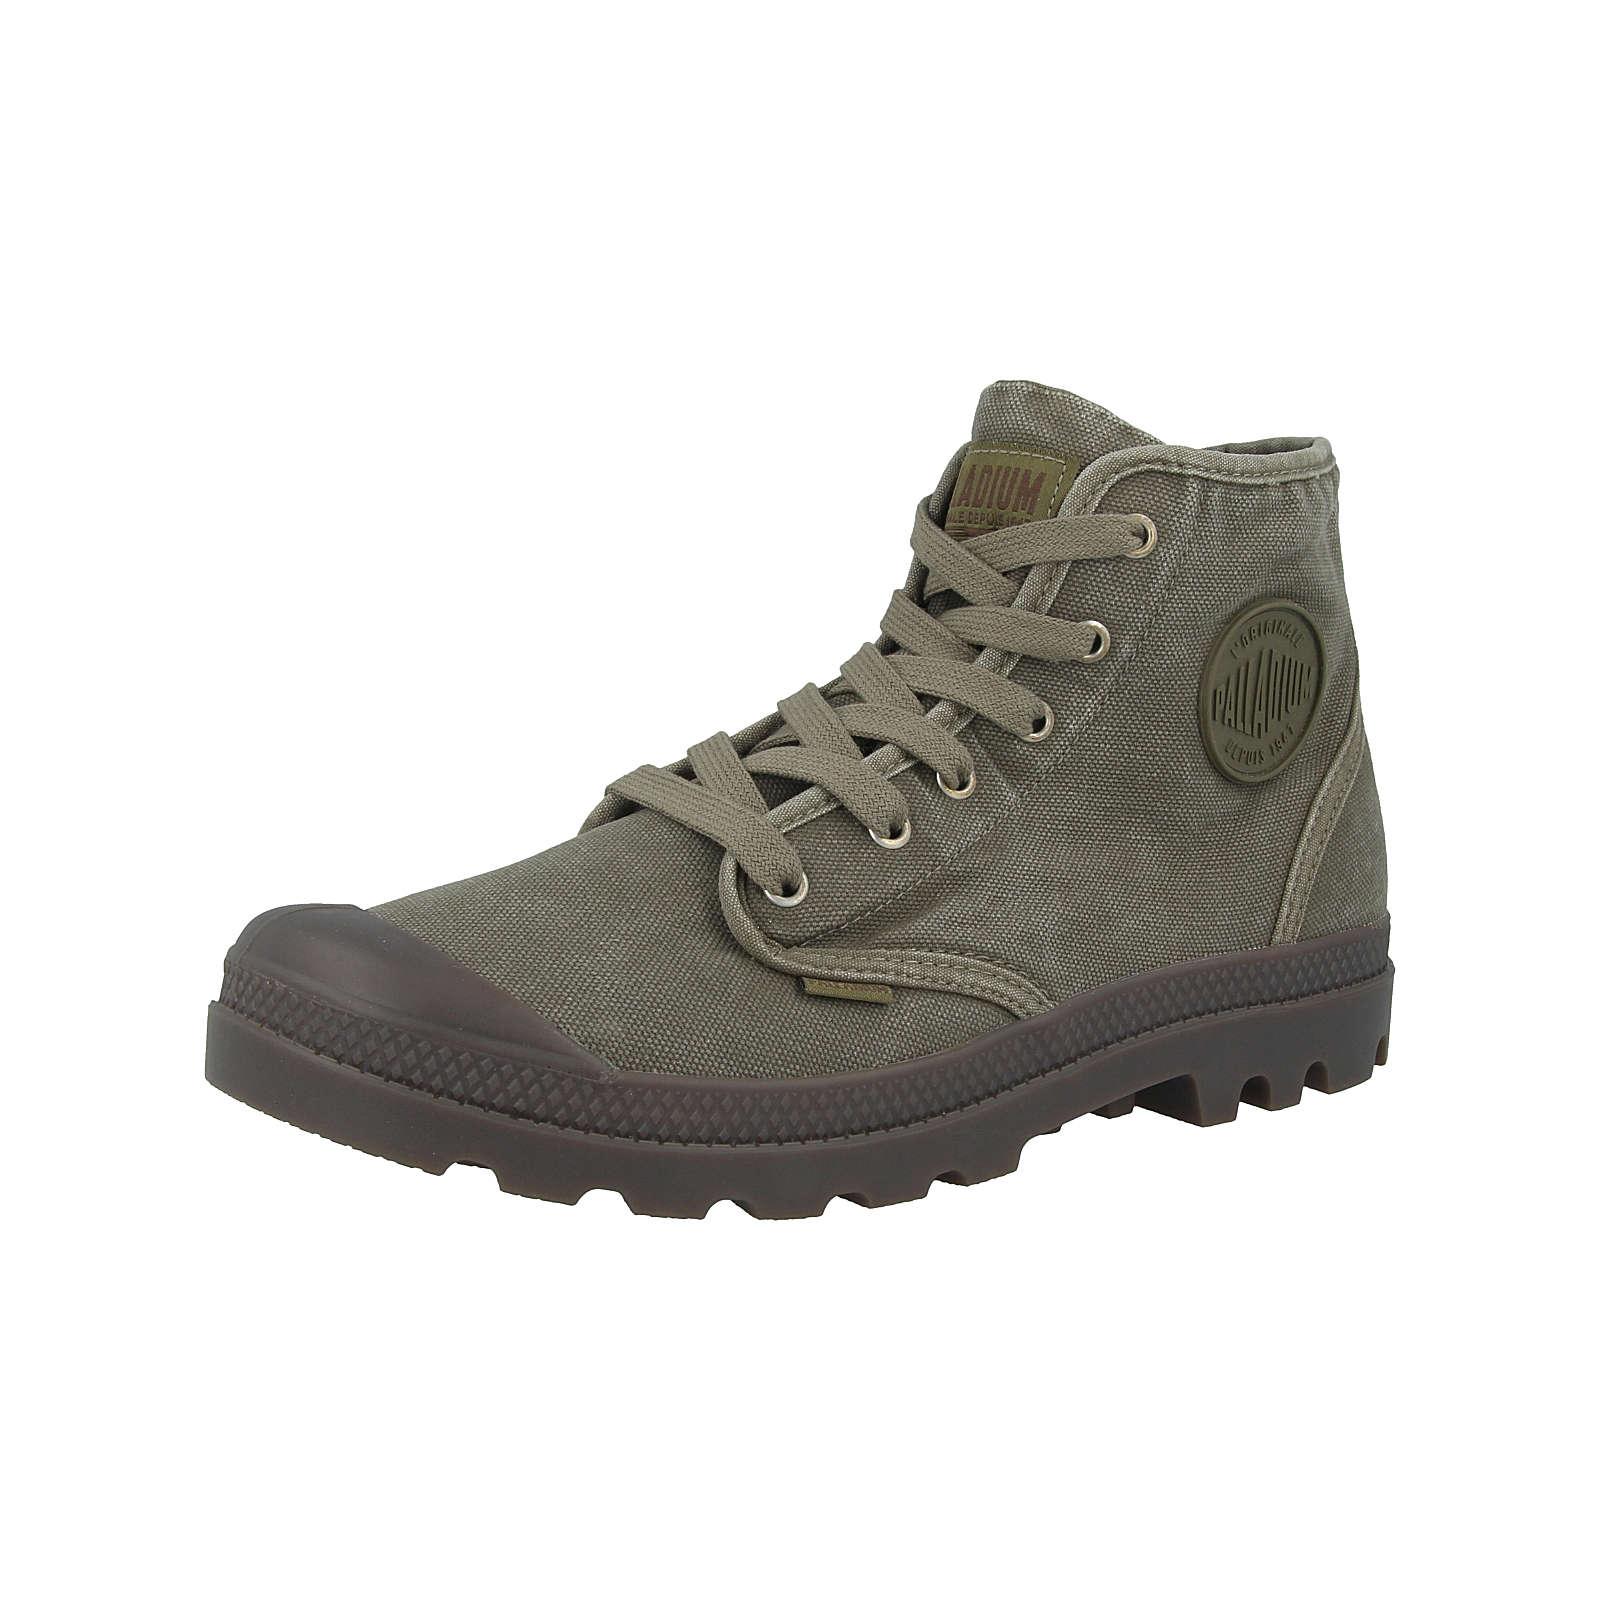 Palladium Schuhe Pampa Hi Schnürstiefel grün Herren Gr. 44